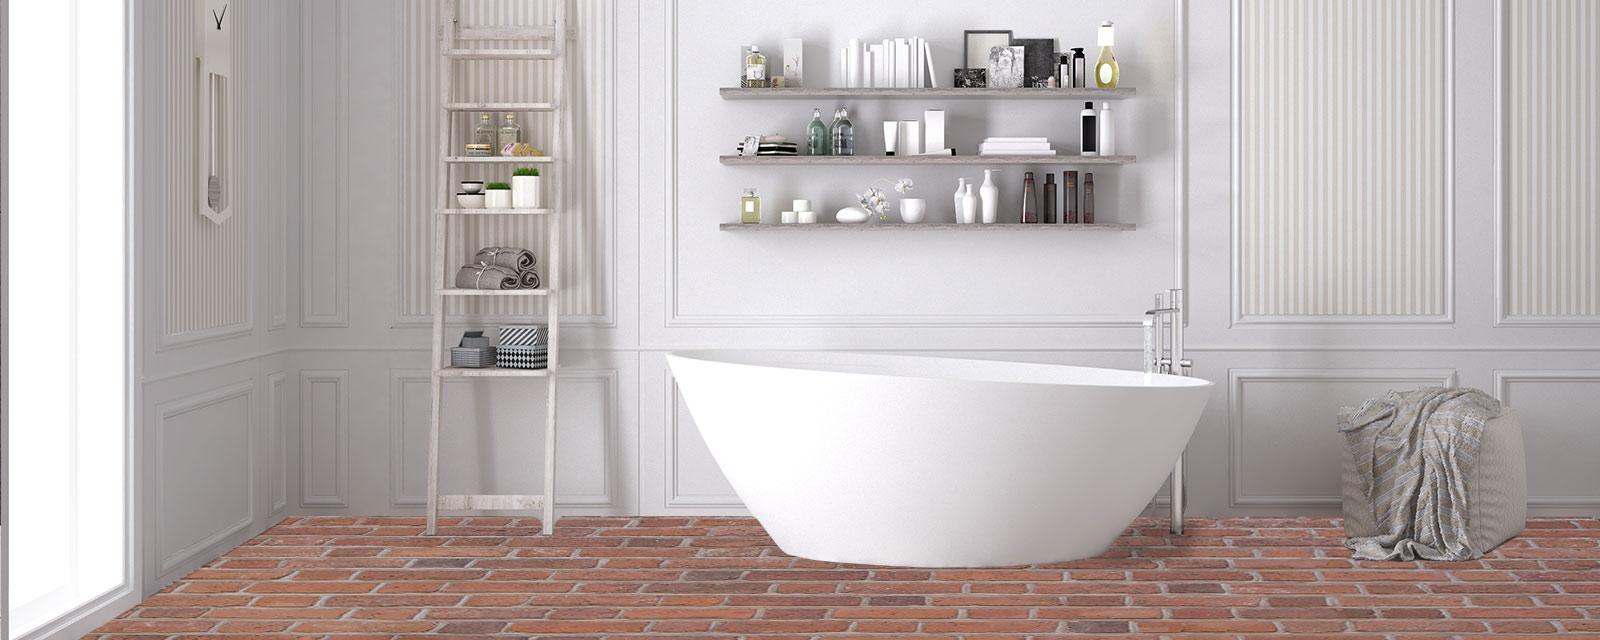 sol en brique pour votre salle de bains